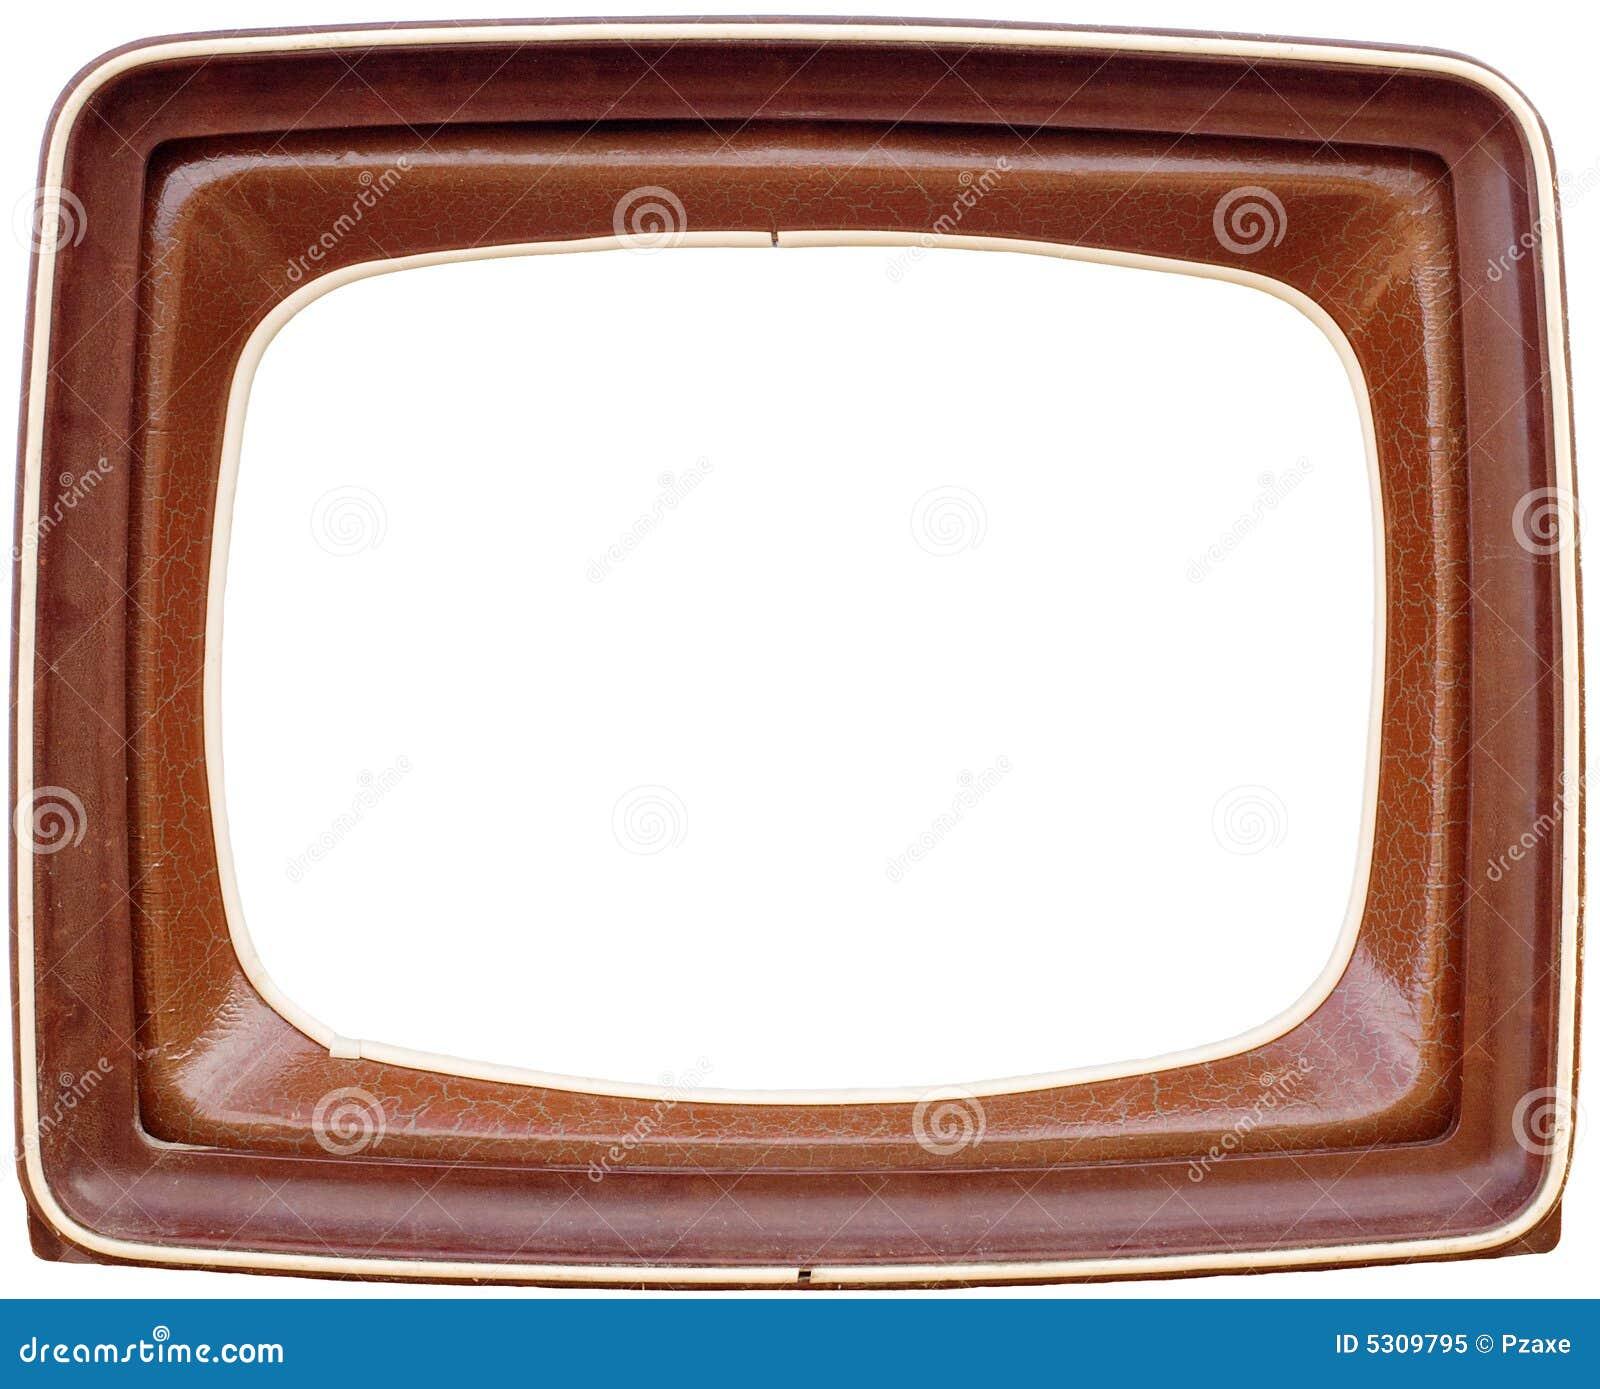 Marco de la TV imagen de archivo. Imagen de marco, televisión - 5309795